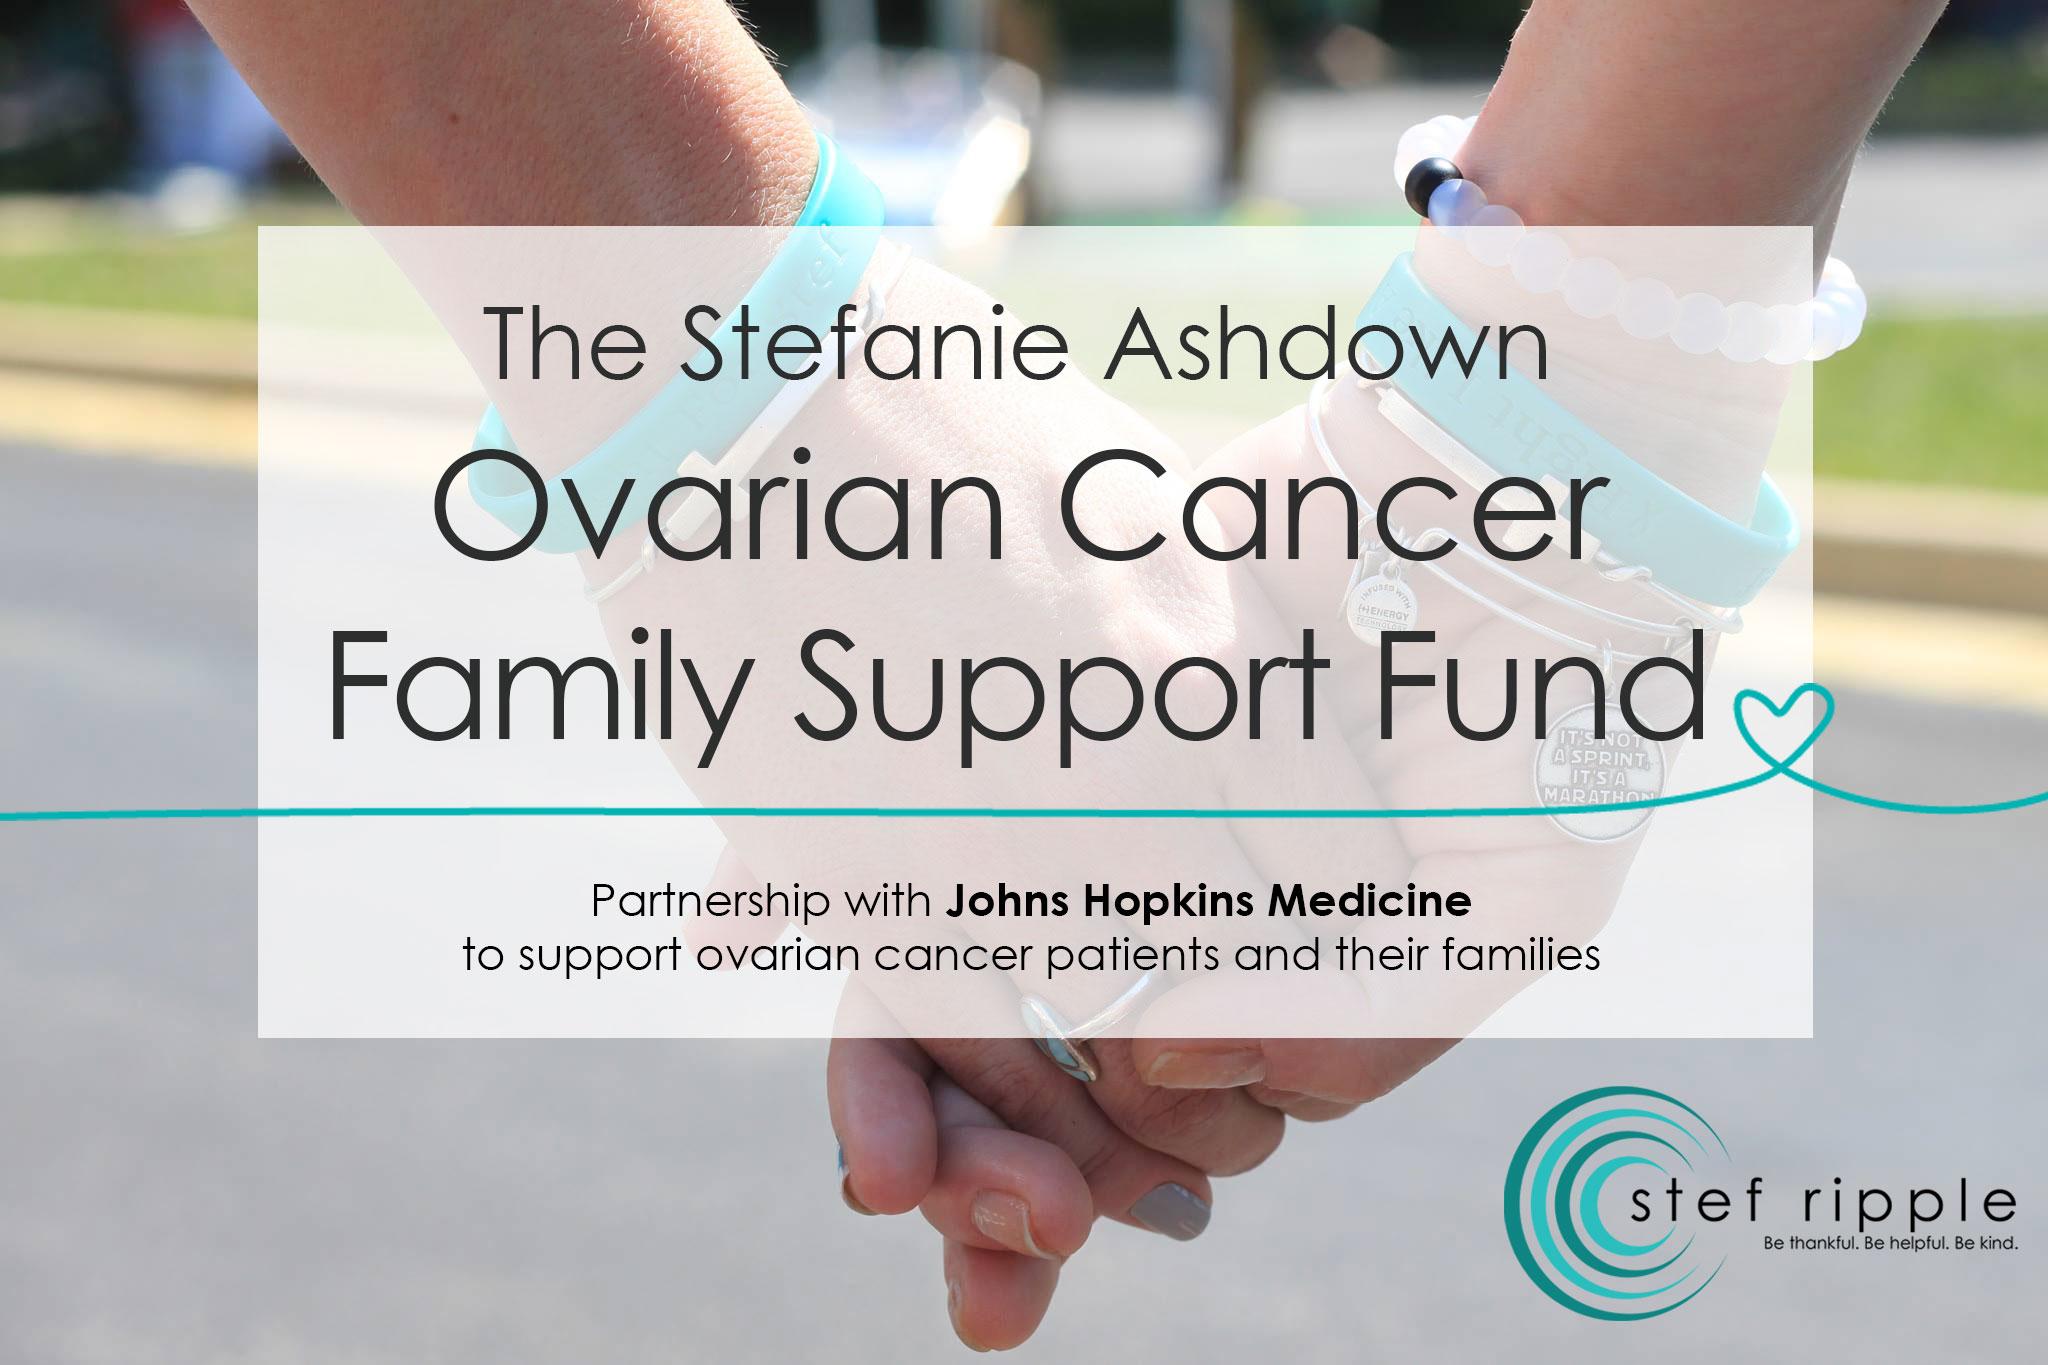 supportfund